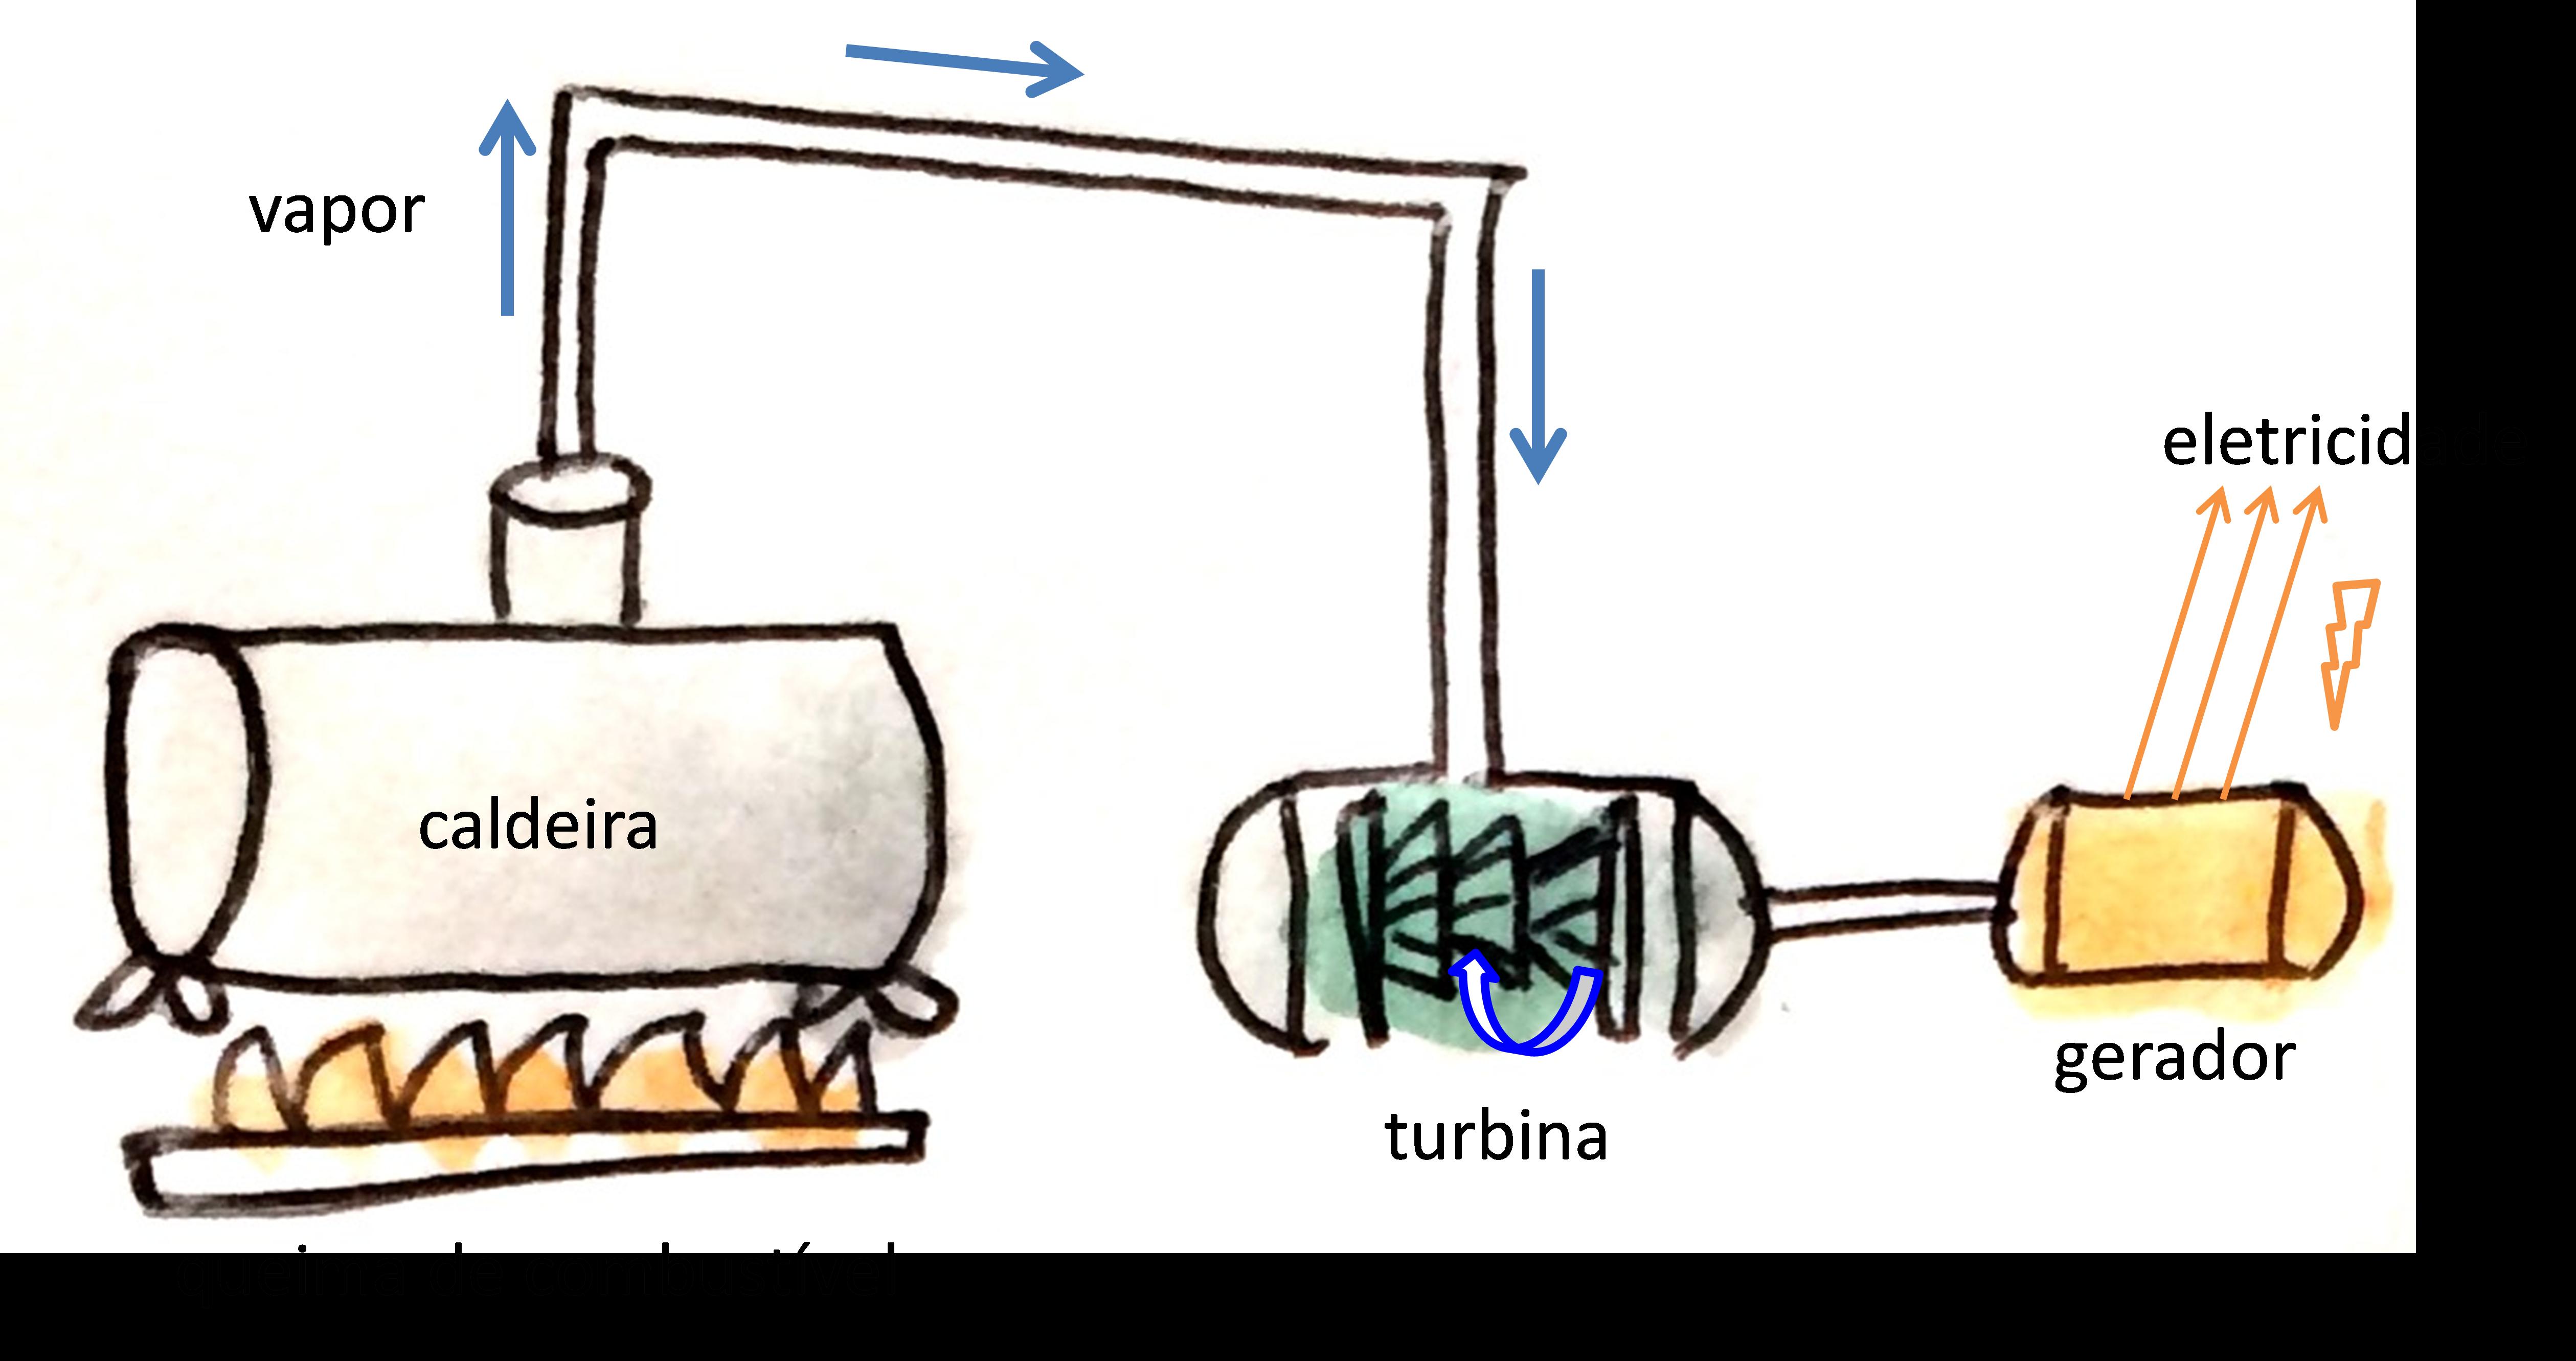 queima de combustível na caldeira, gera vapor, que gira turbina e aciona o gerador para gerar eletricidade